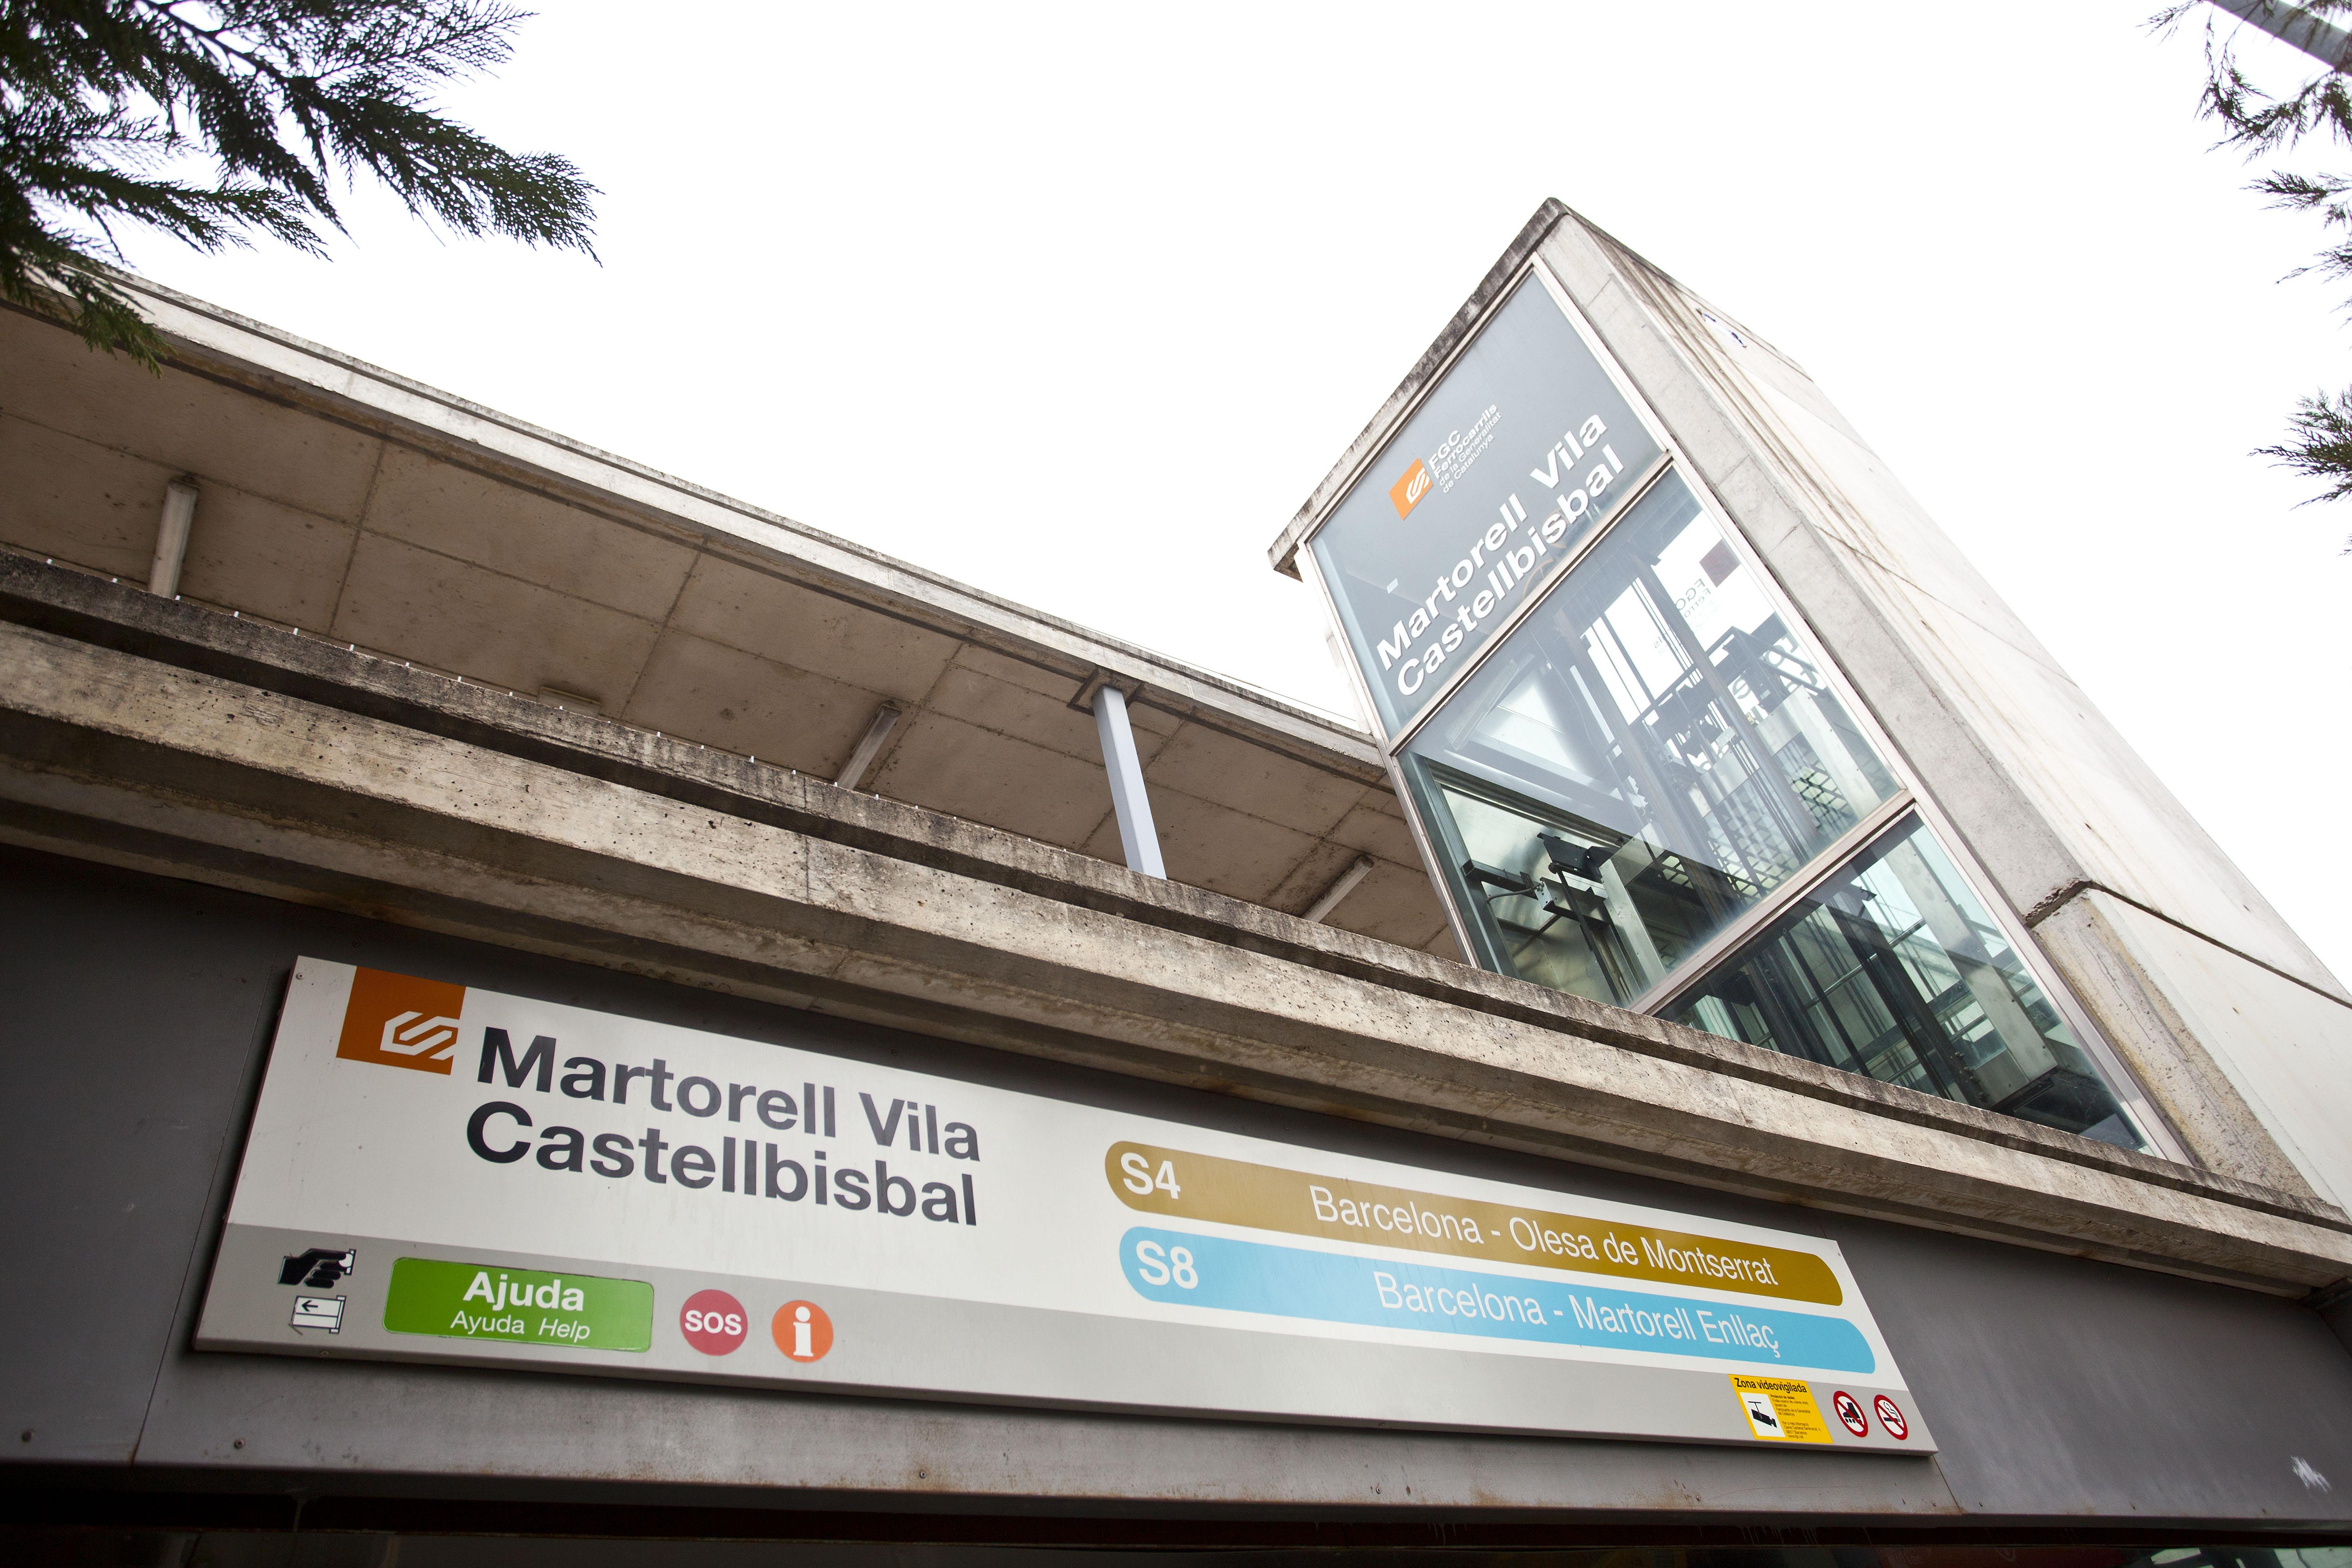 MARTORELL -VILA -CASTELLBISBAL -FGC